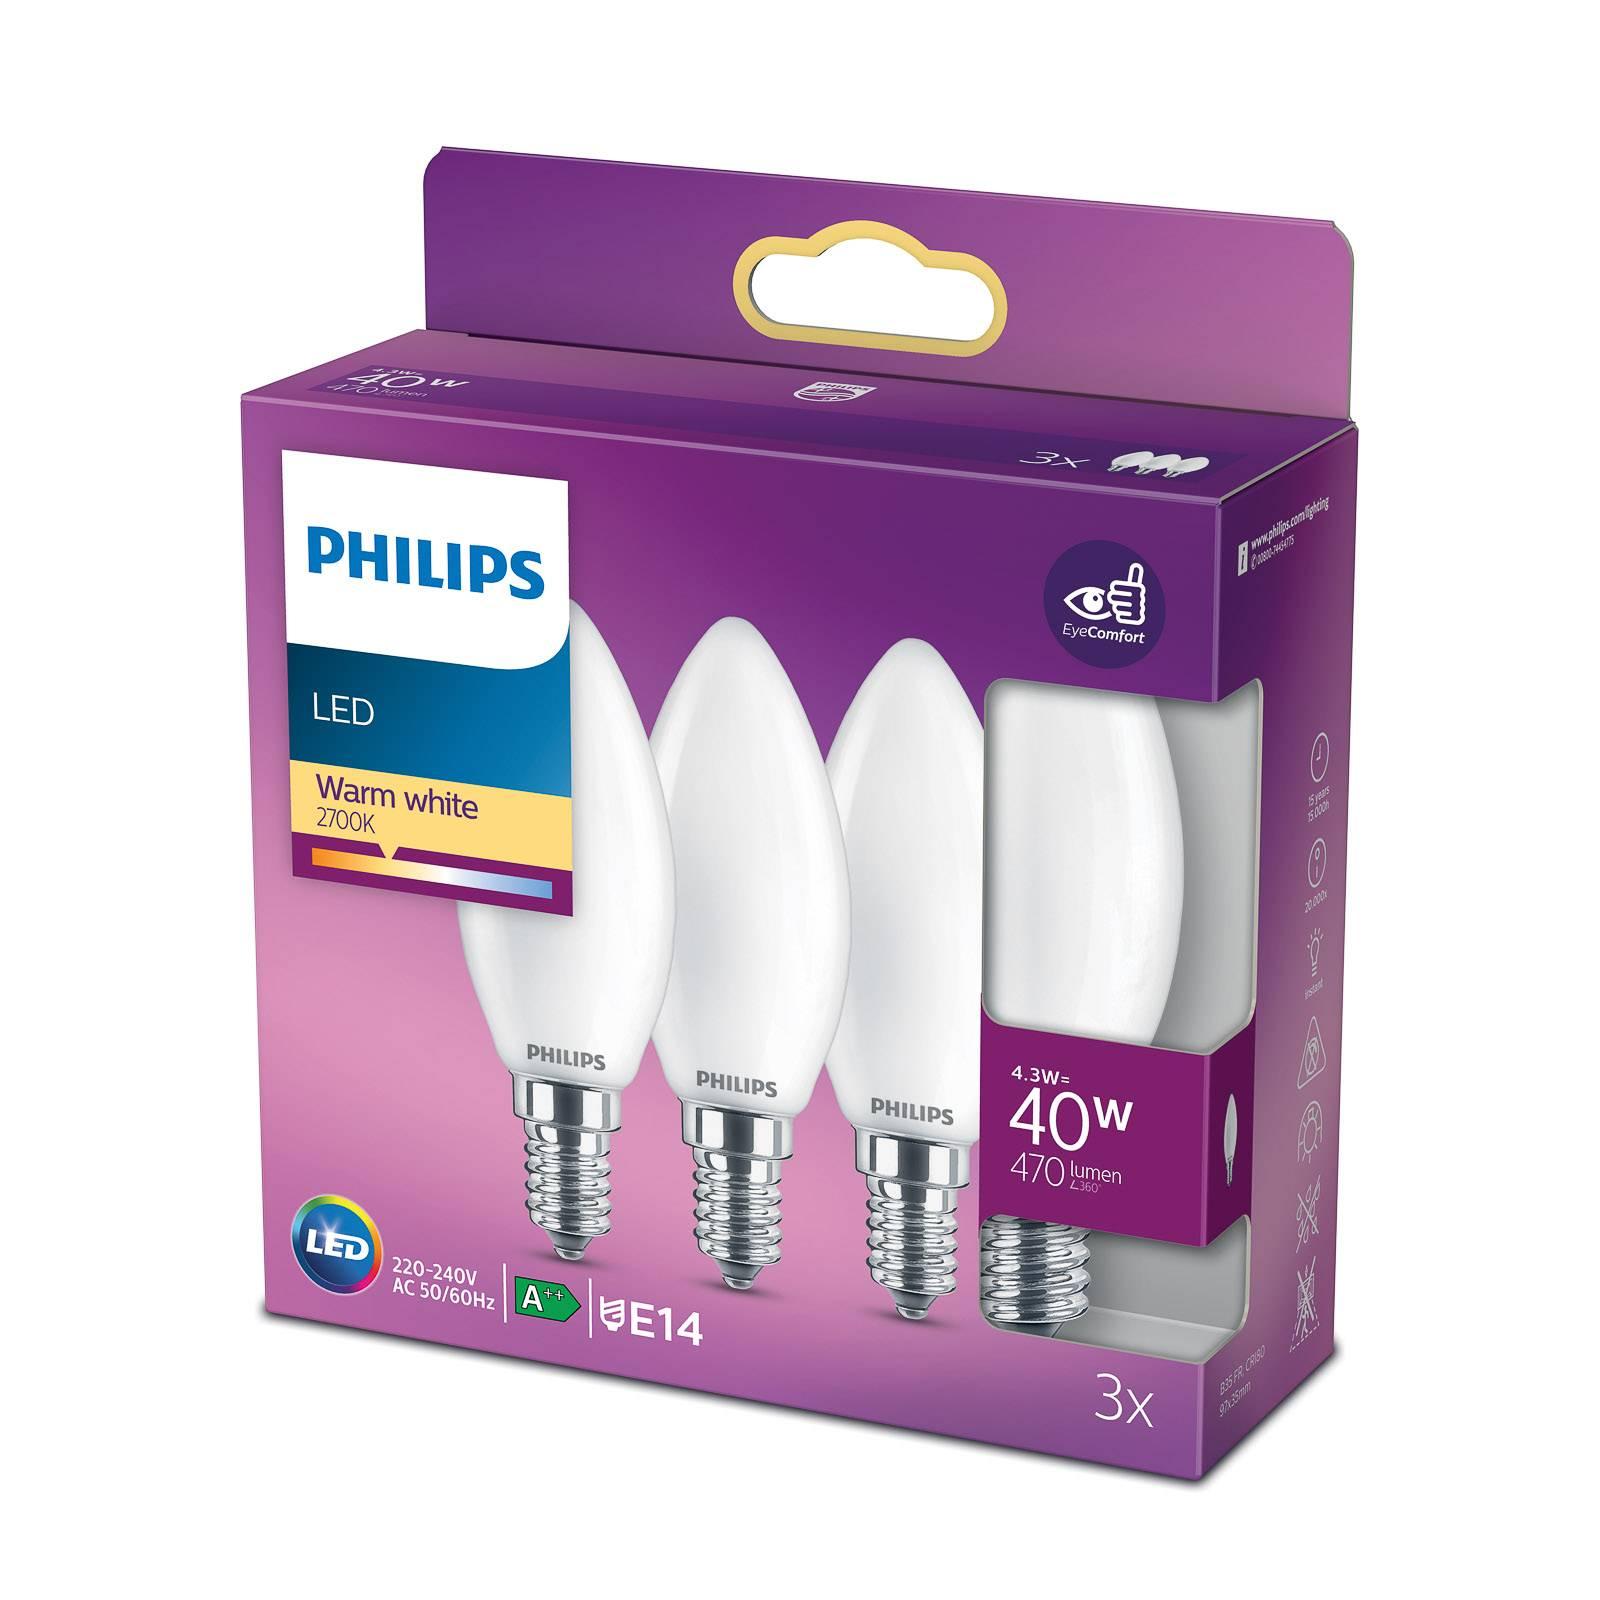 Philips LED candela E14 B35 4,3W satinato set 3x